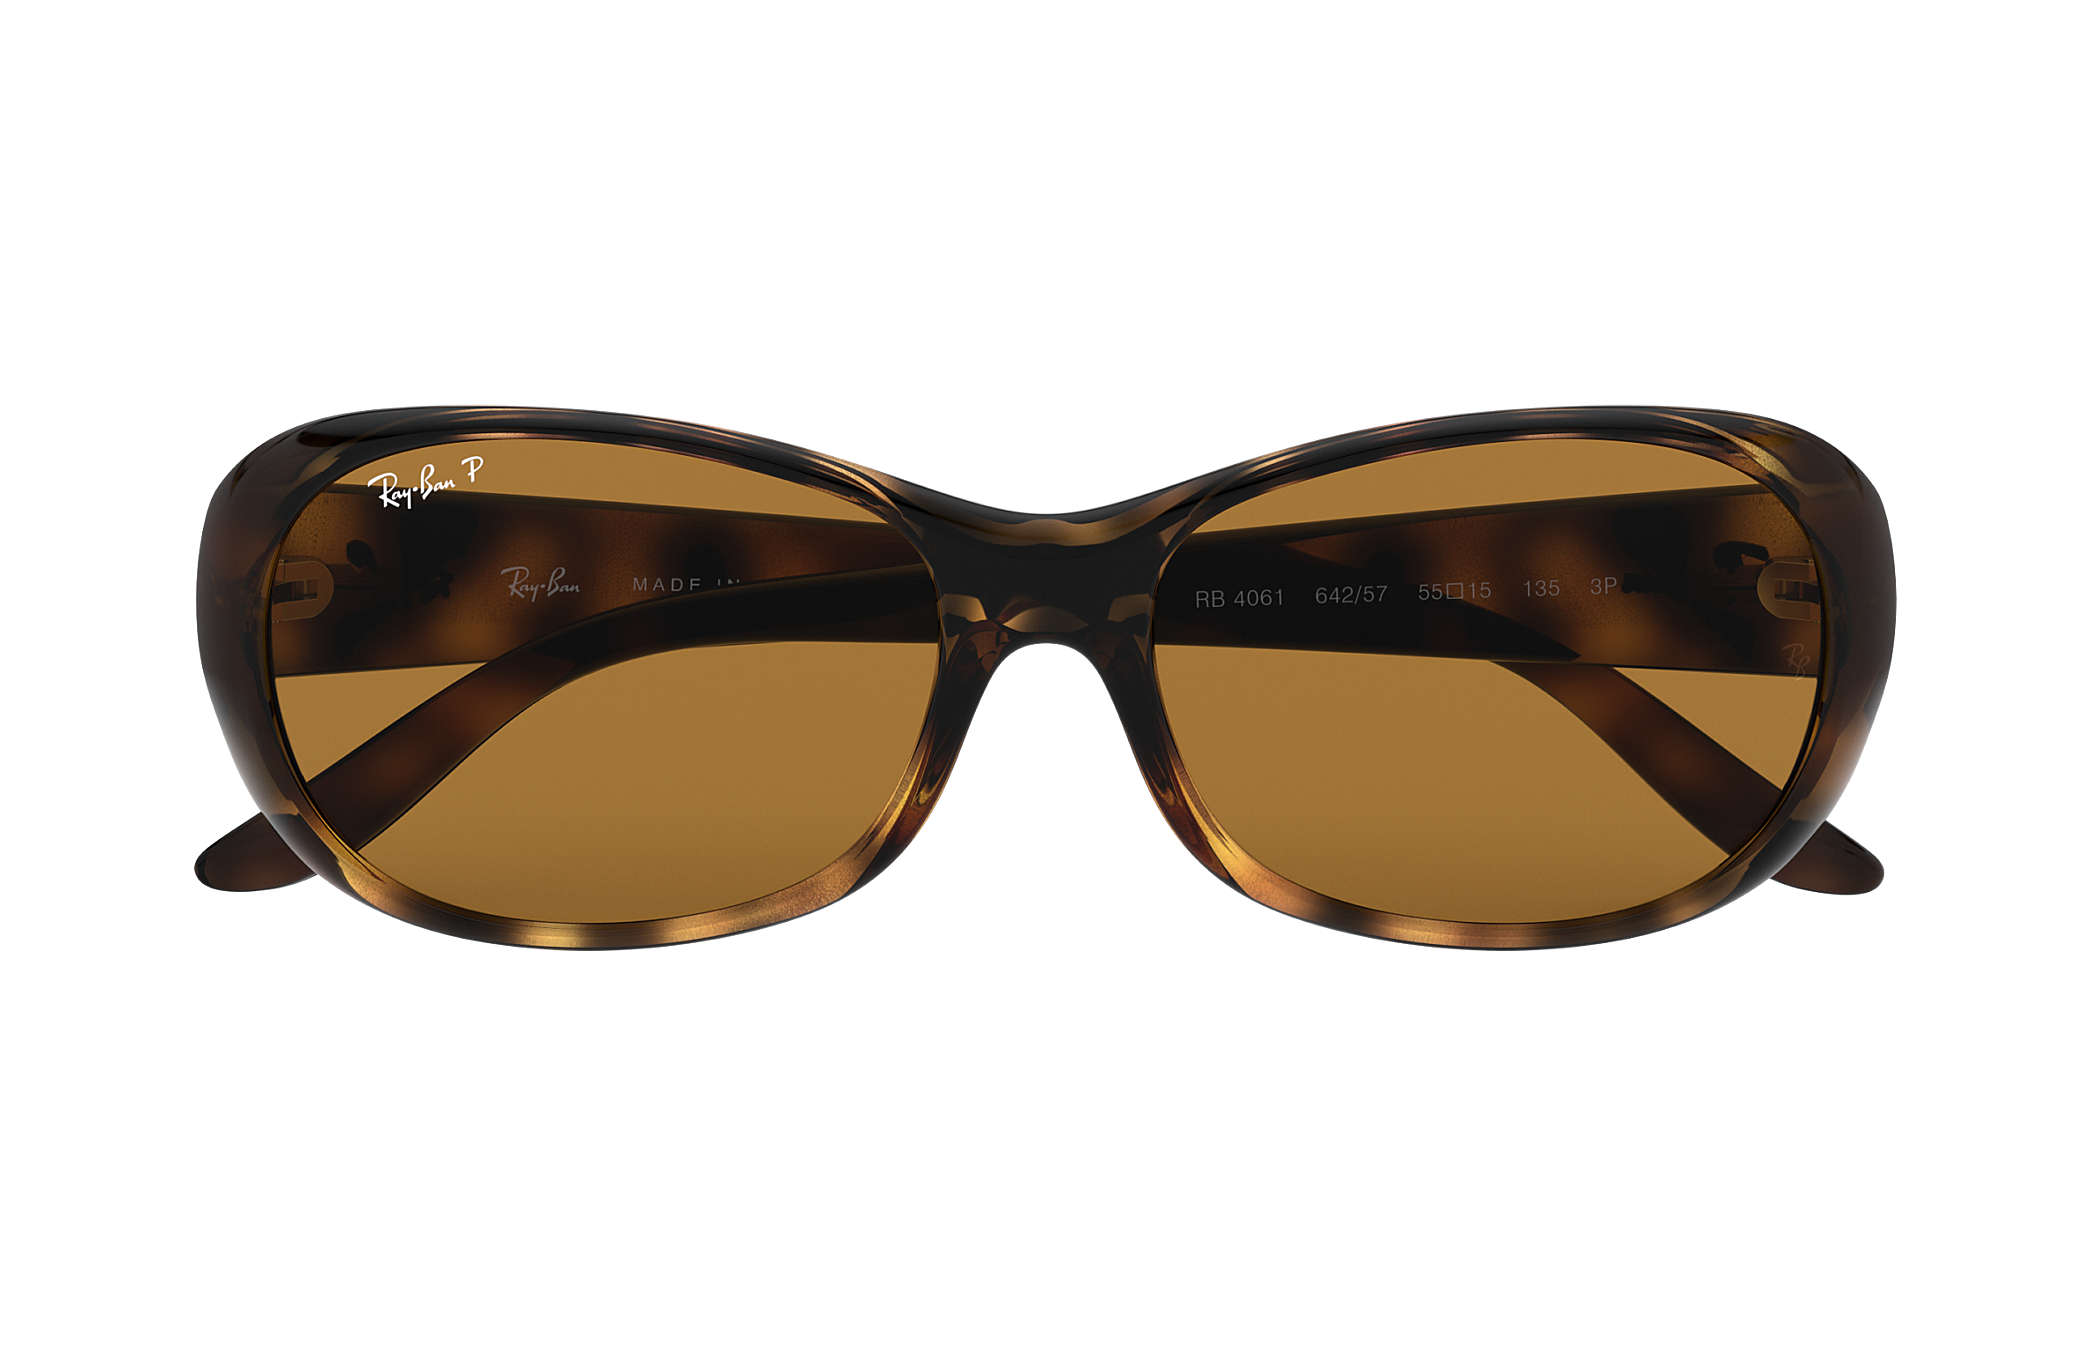 ece1e72b54 Ray-Ban RB4061 Tortoise - Nylon - Brown Polarized Lenses ...